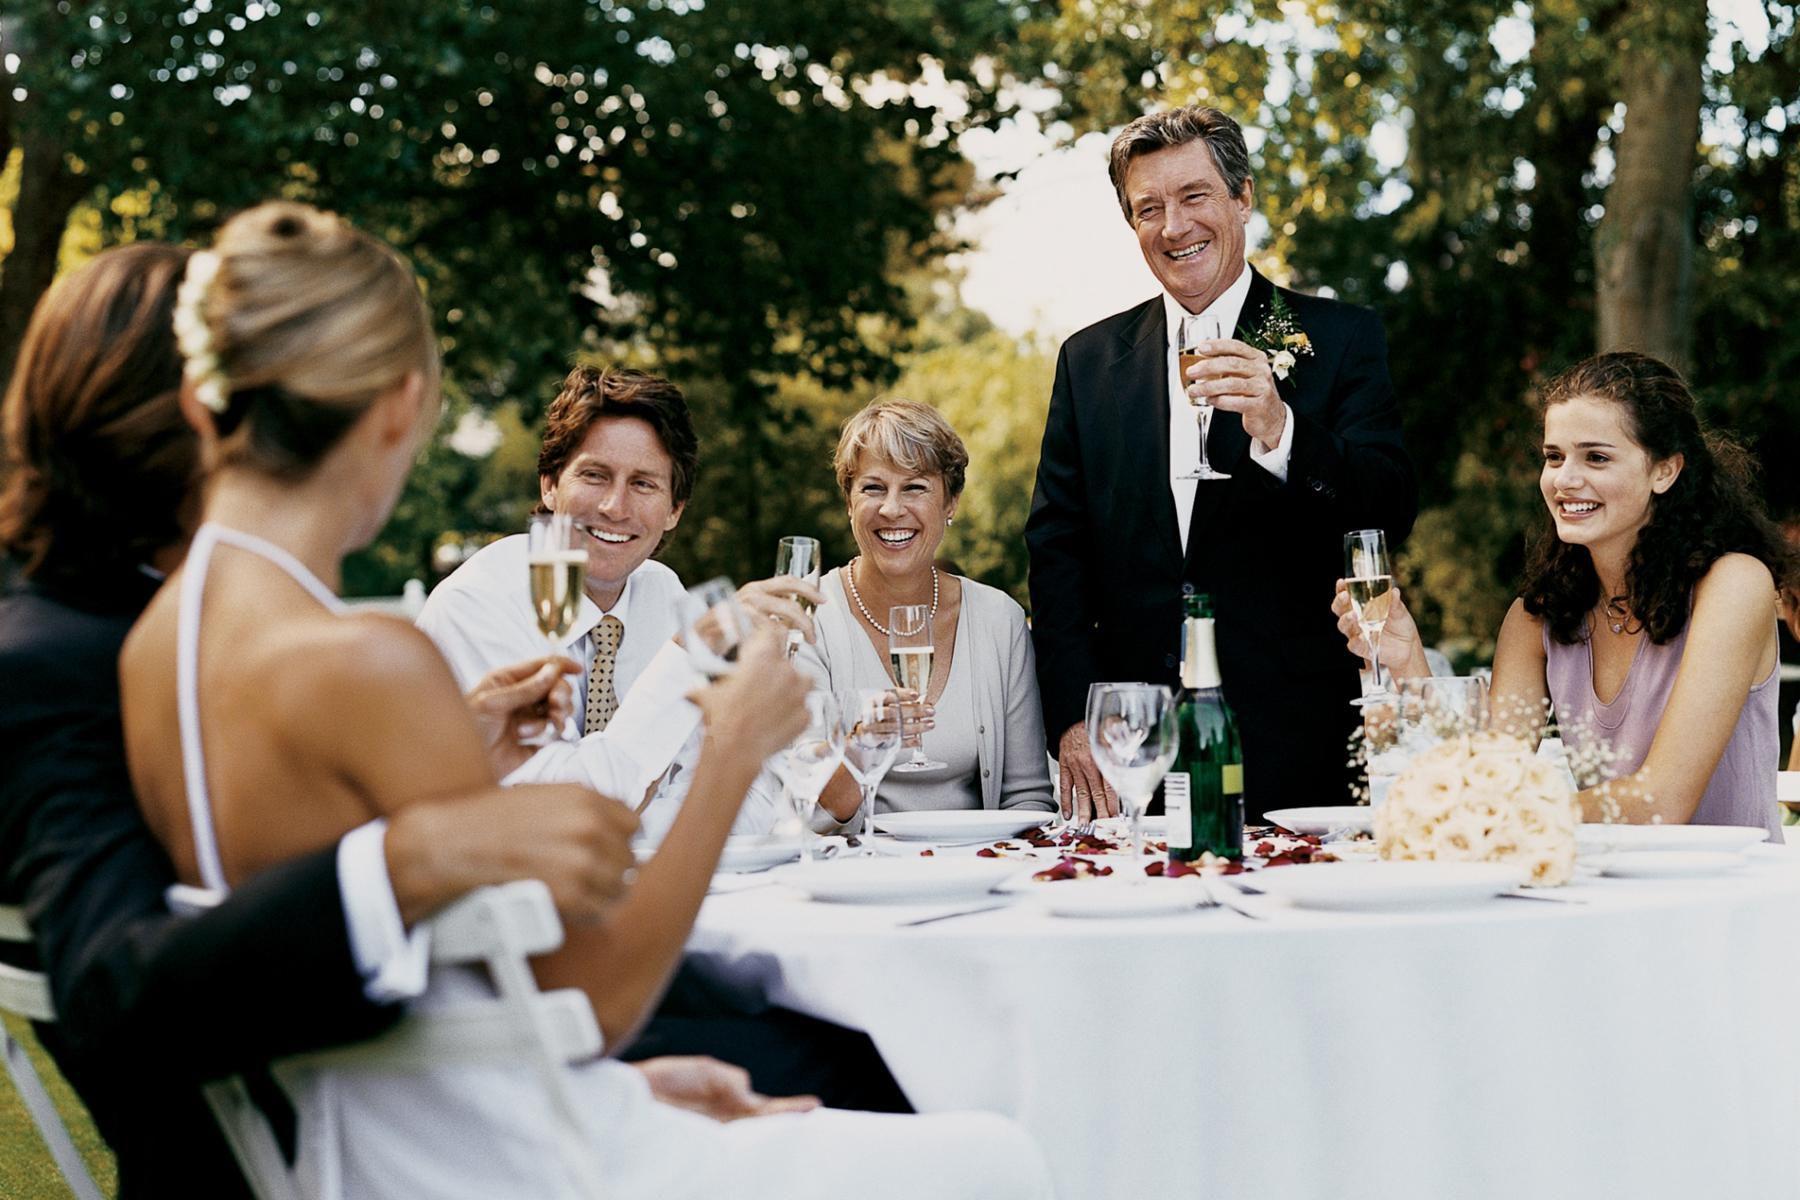 тосты и поздравления на свадьбе для свидетеля статье рассмотрены